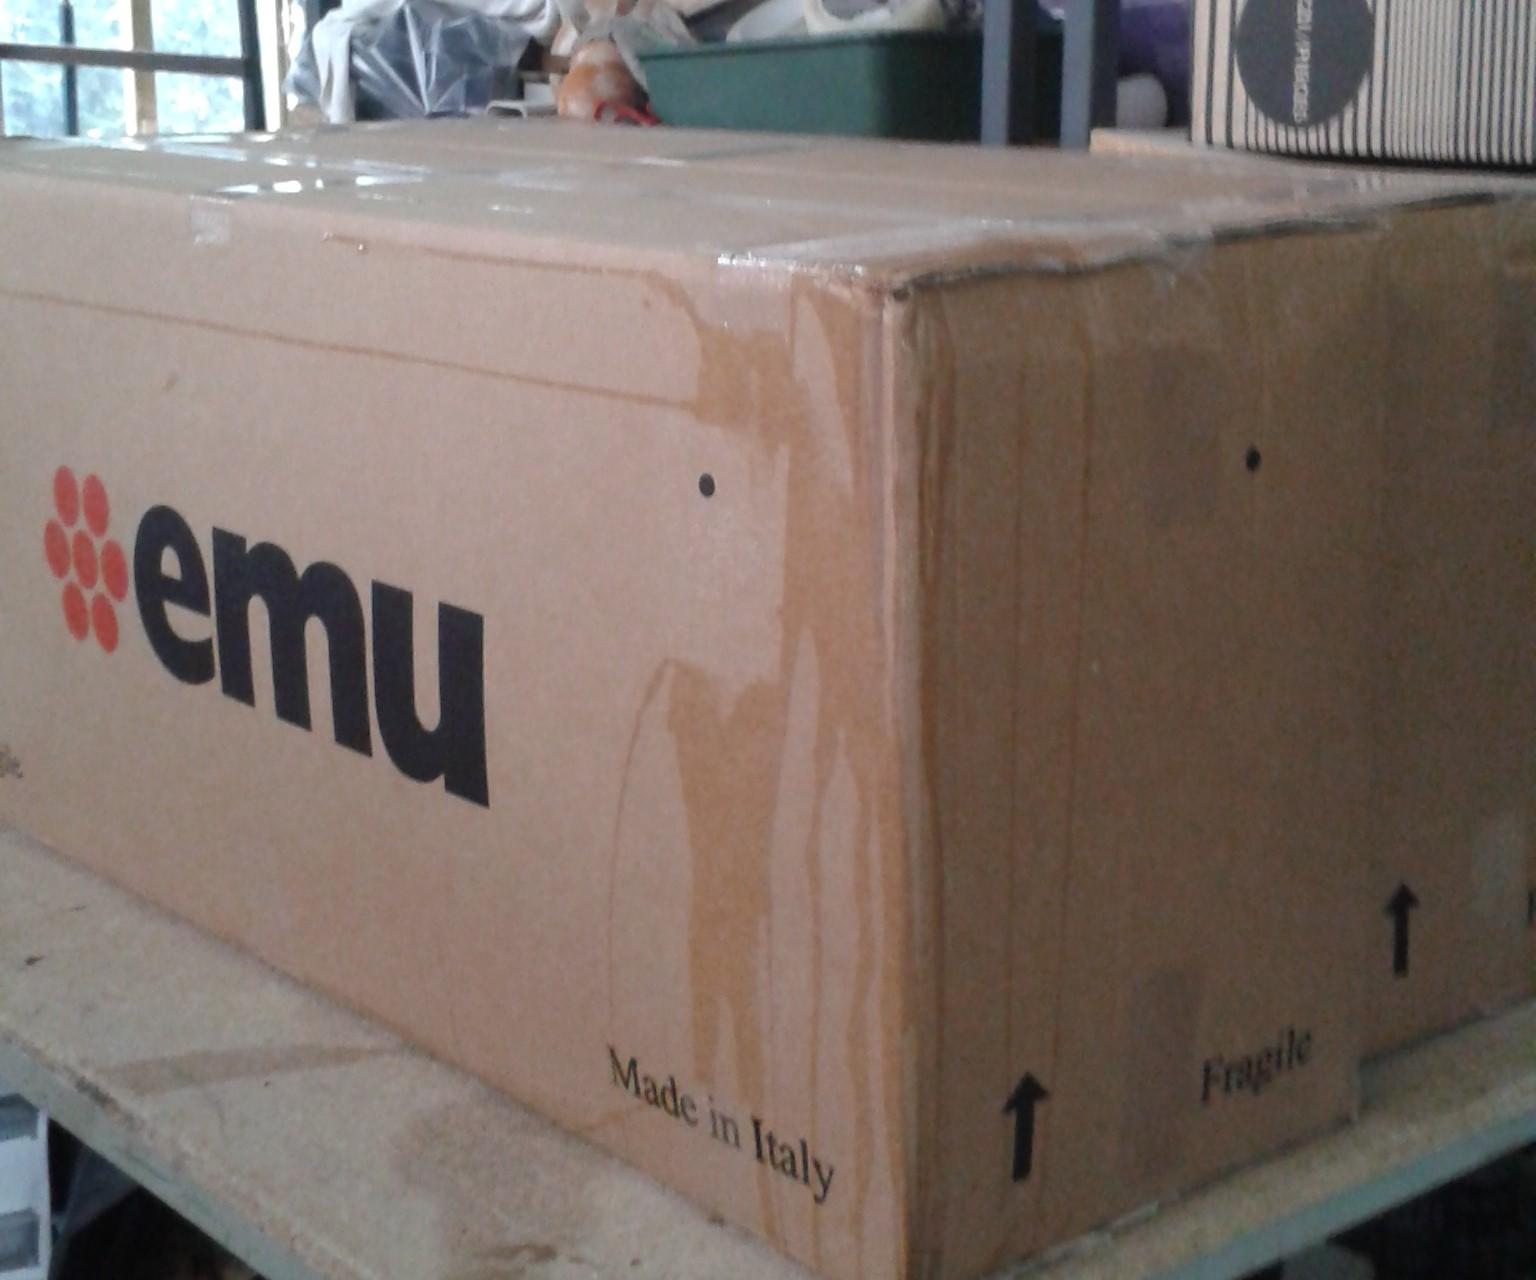 Emu arredo giardino il miglior prezzo per voi for Emu arredo giardino outlet